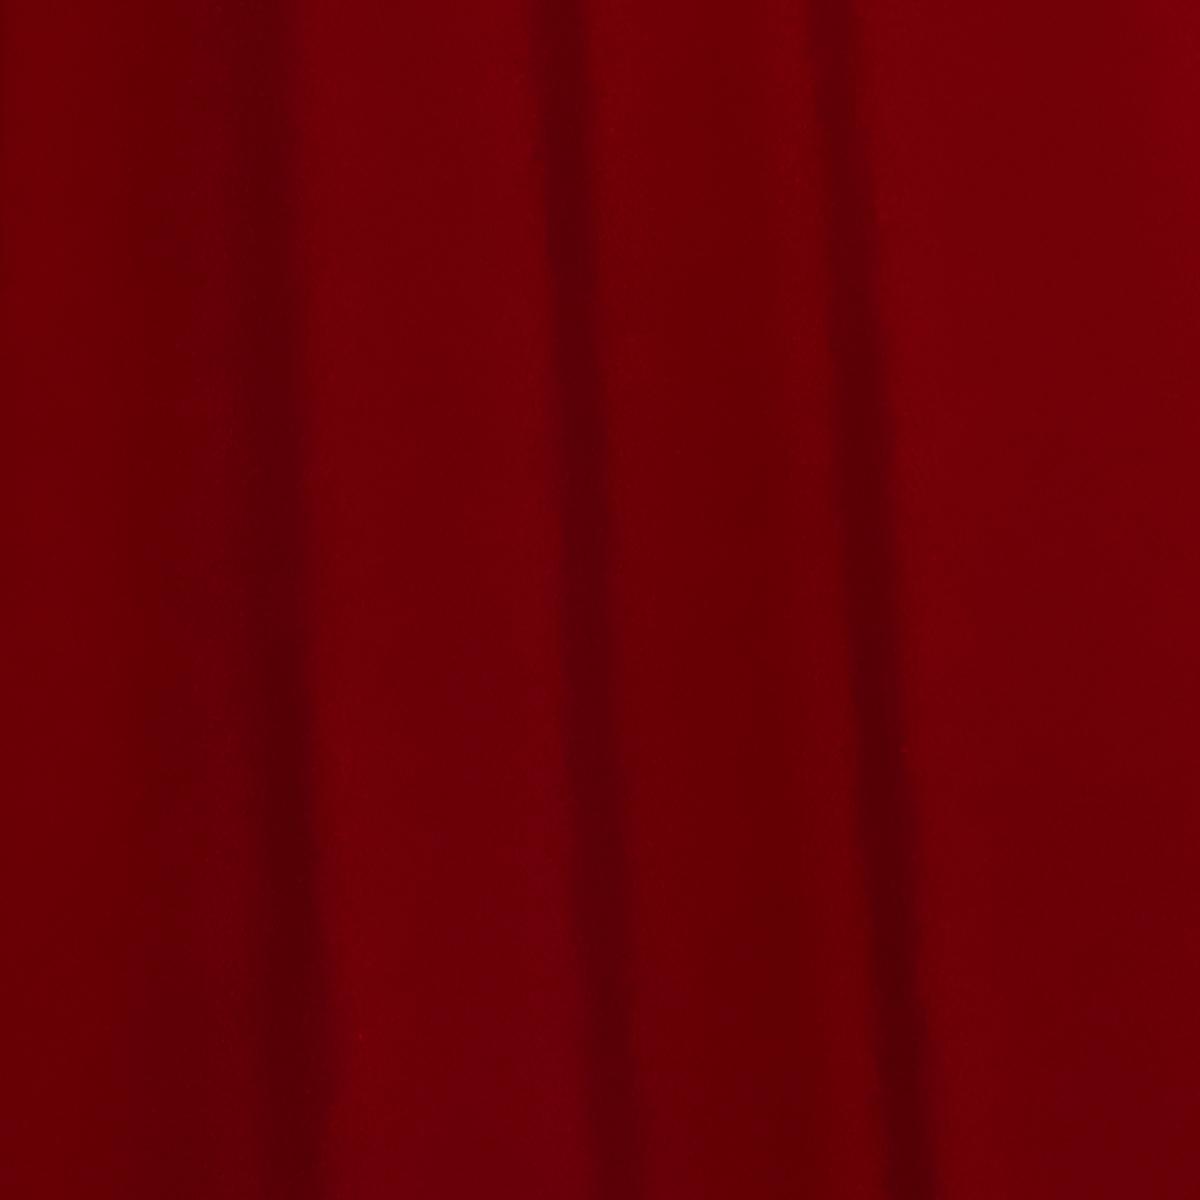 Шёлковый крепдешин красного цвета